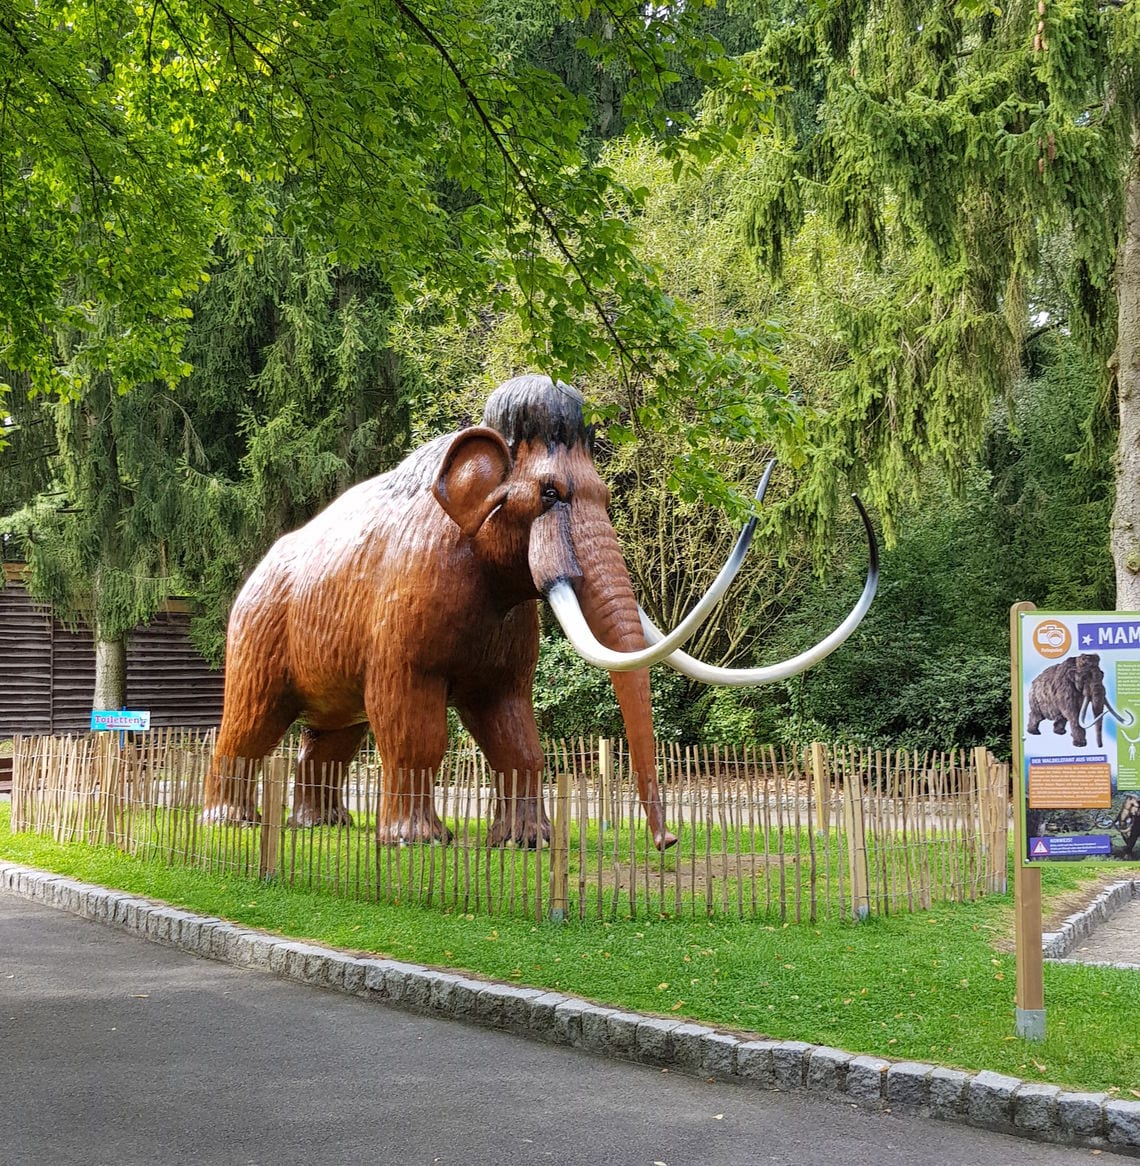 Früher war das Mammut stolz und frei. Was ist es heute?